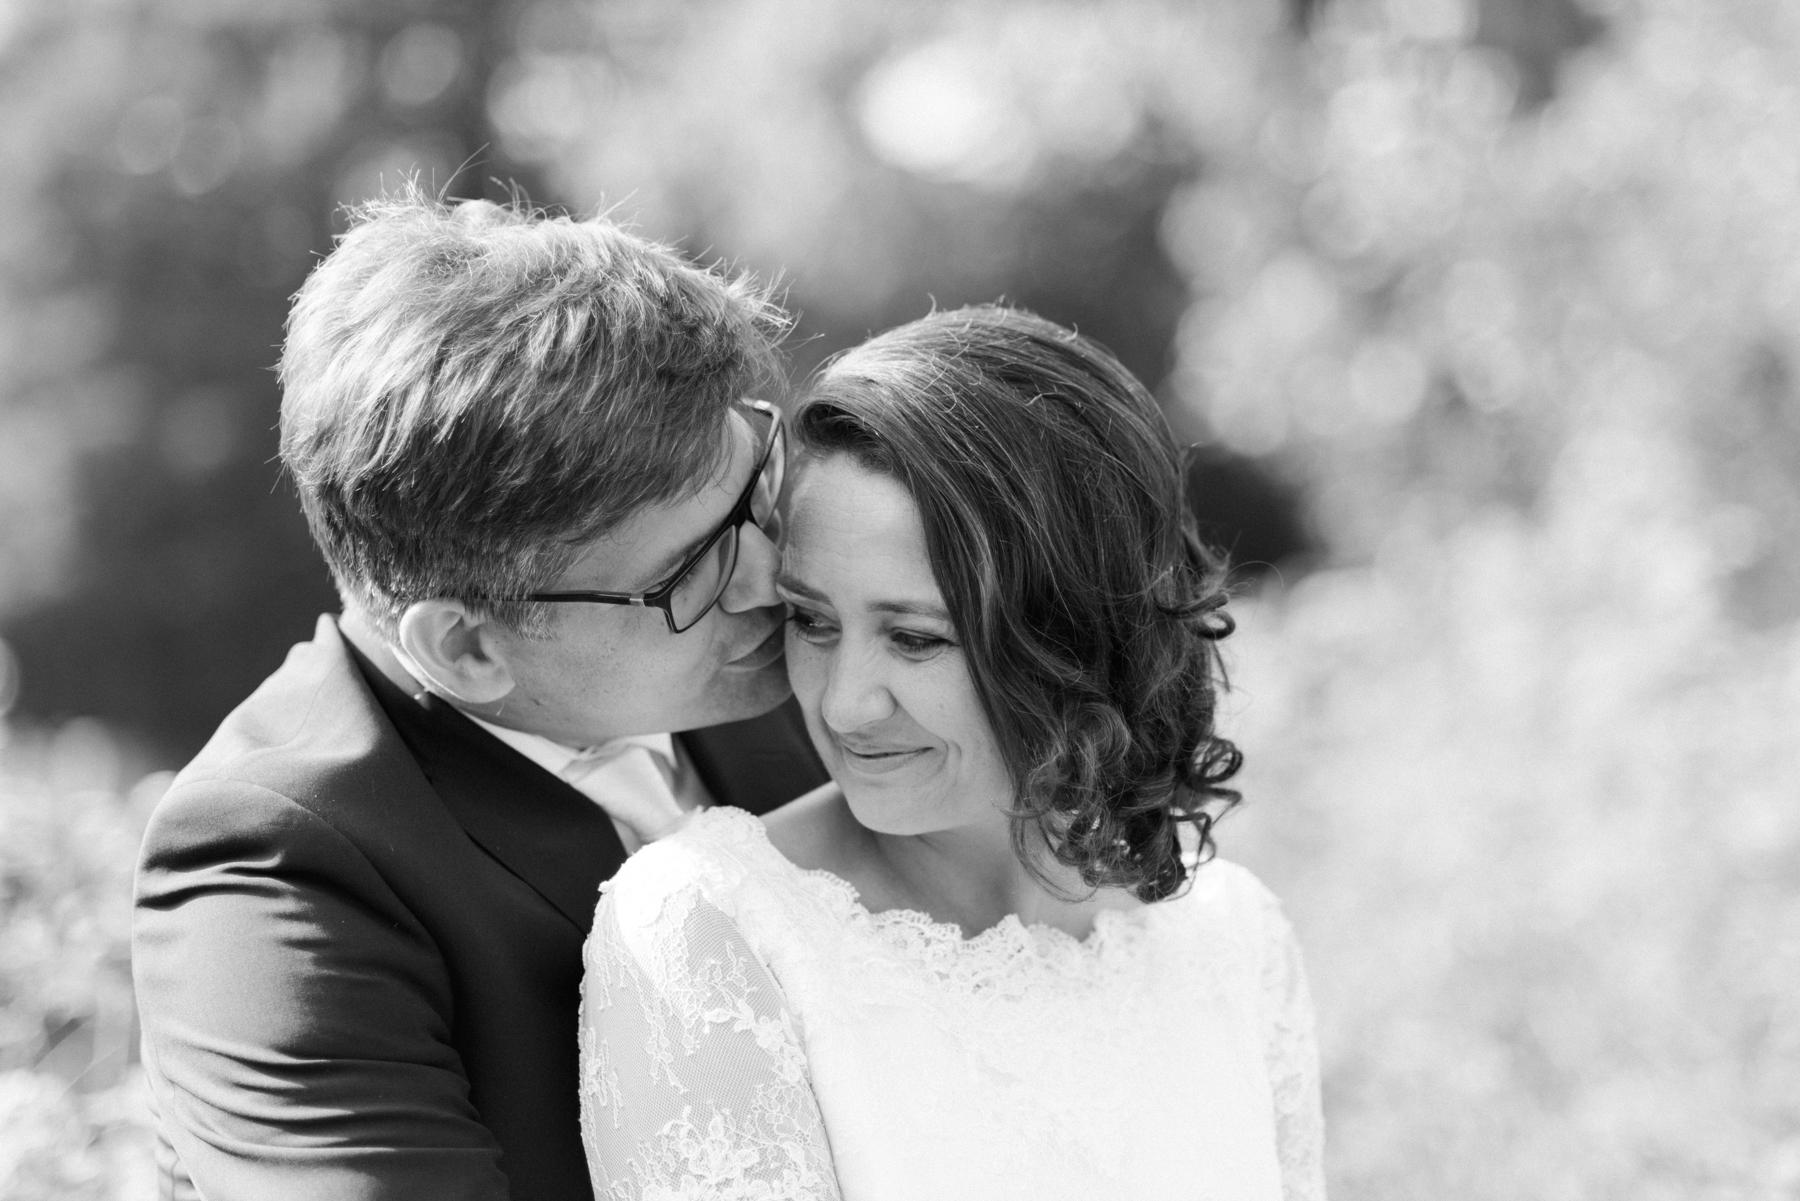 Bluhm-Hochzeitsfotograf-HochzeitamMeer-43.jpg